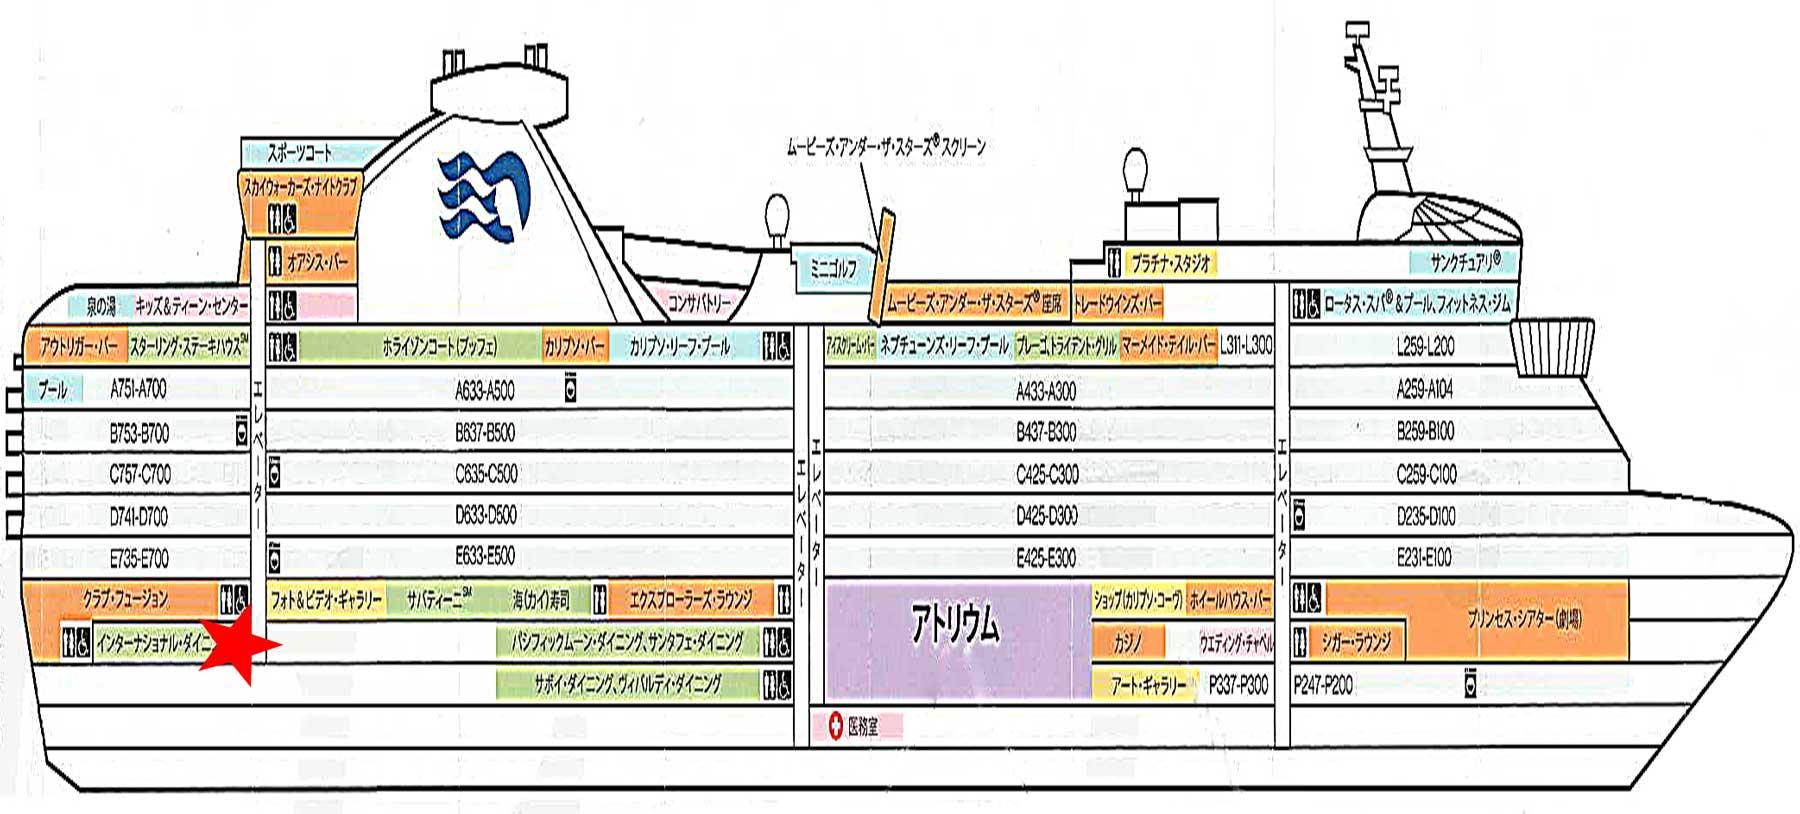 インターナショナルダイニングmap